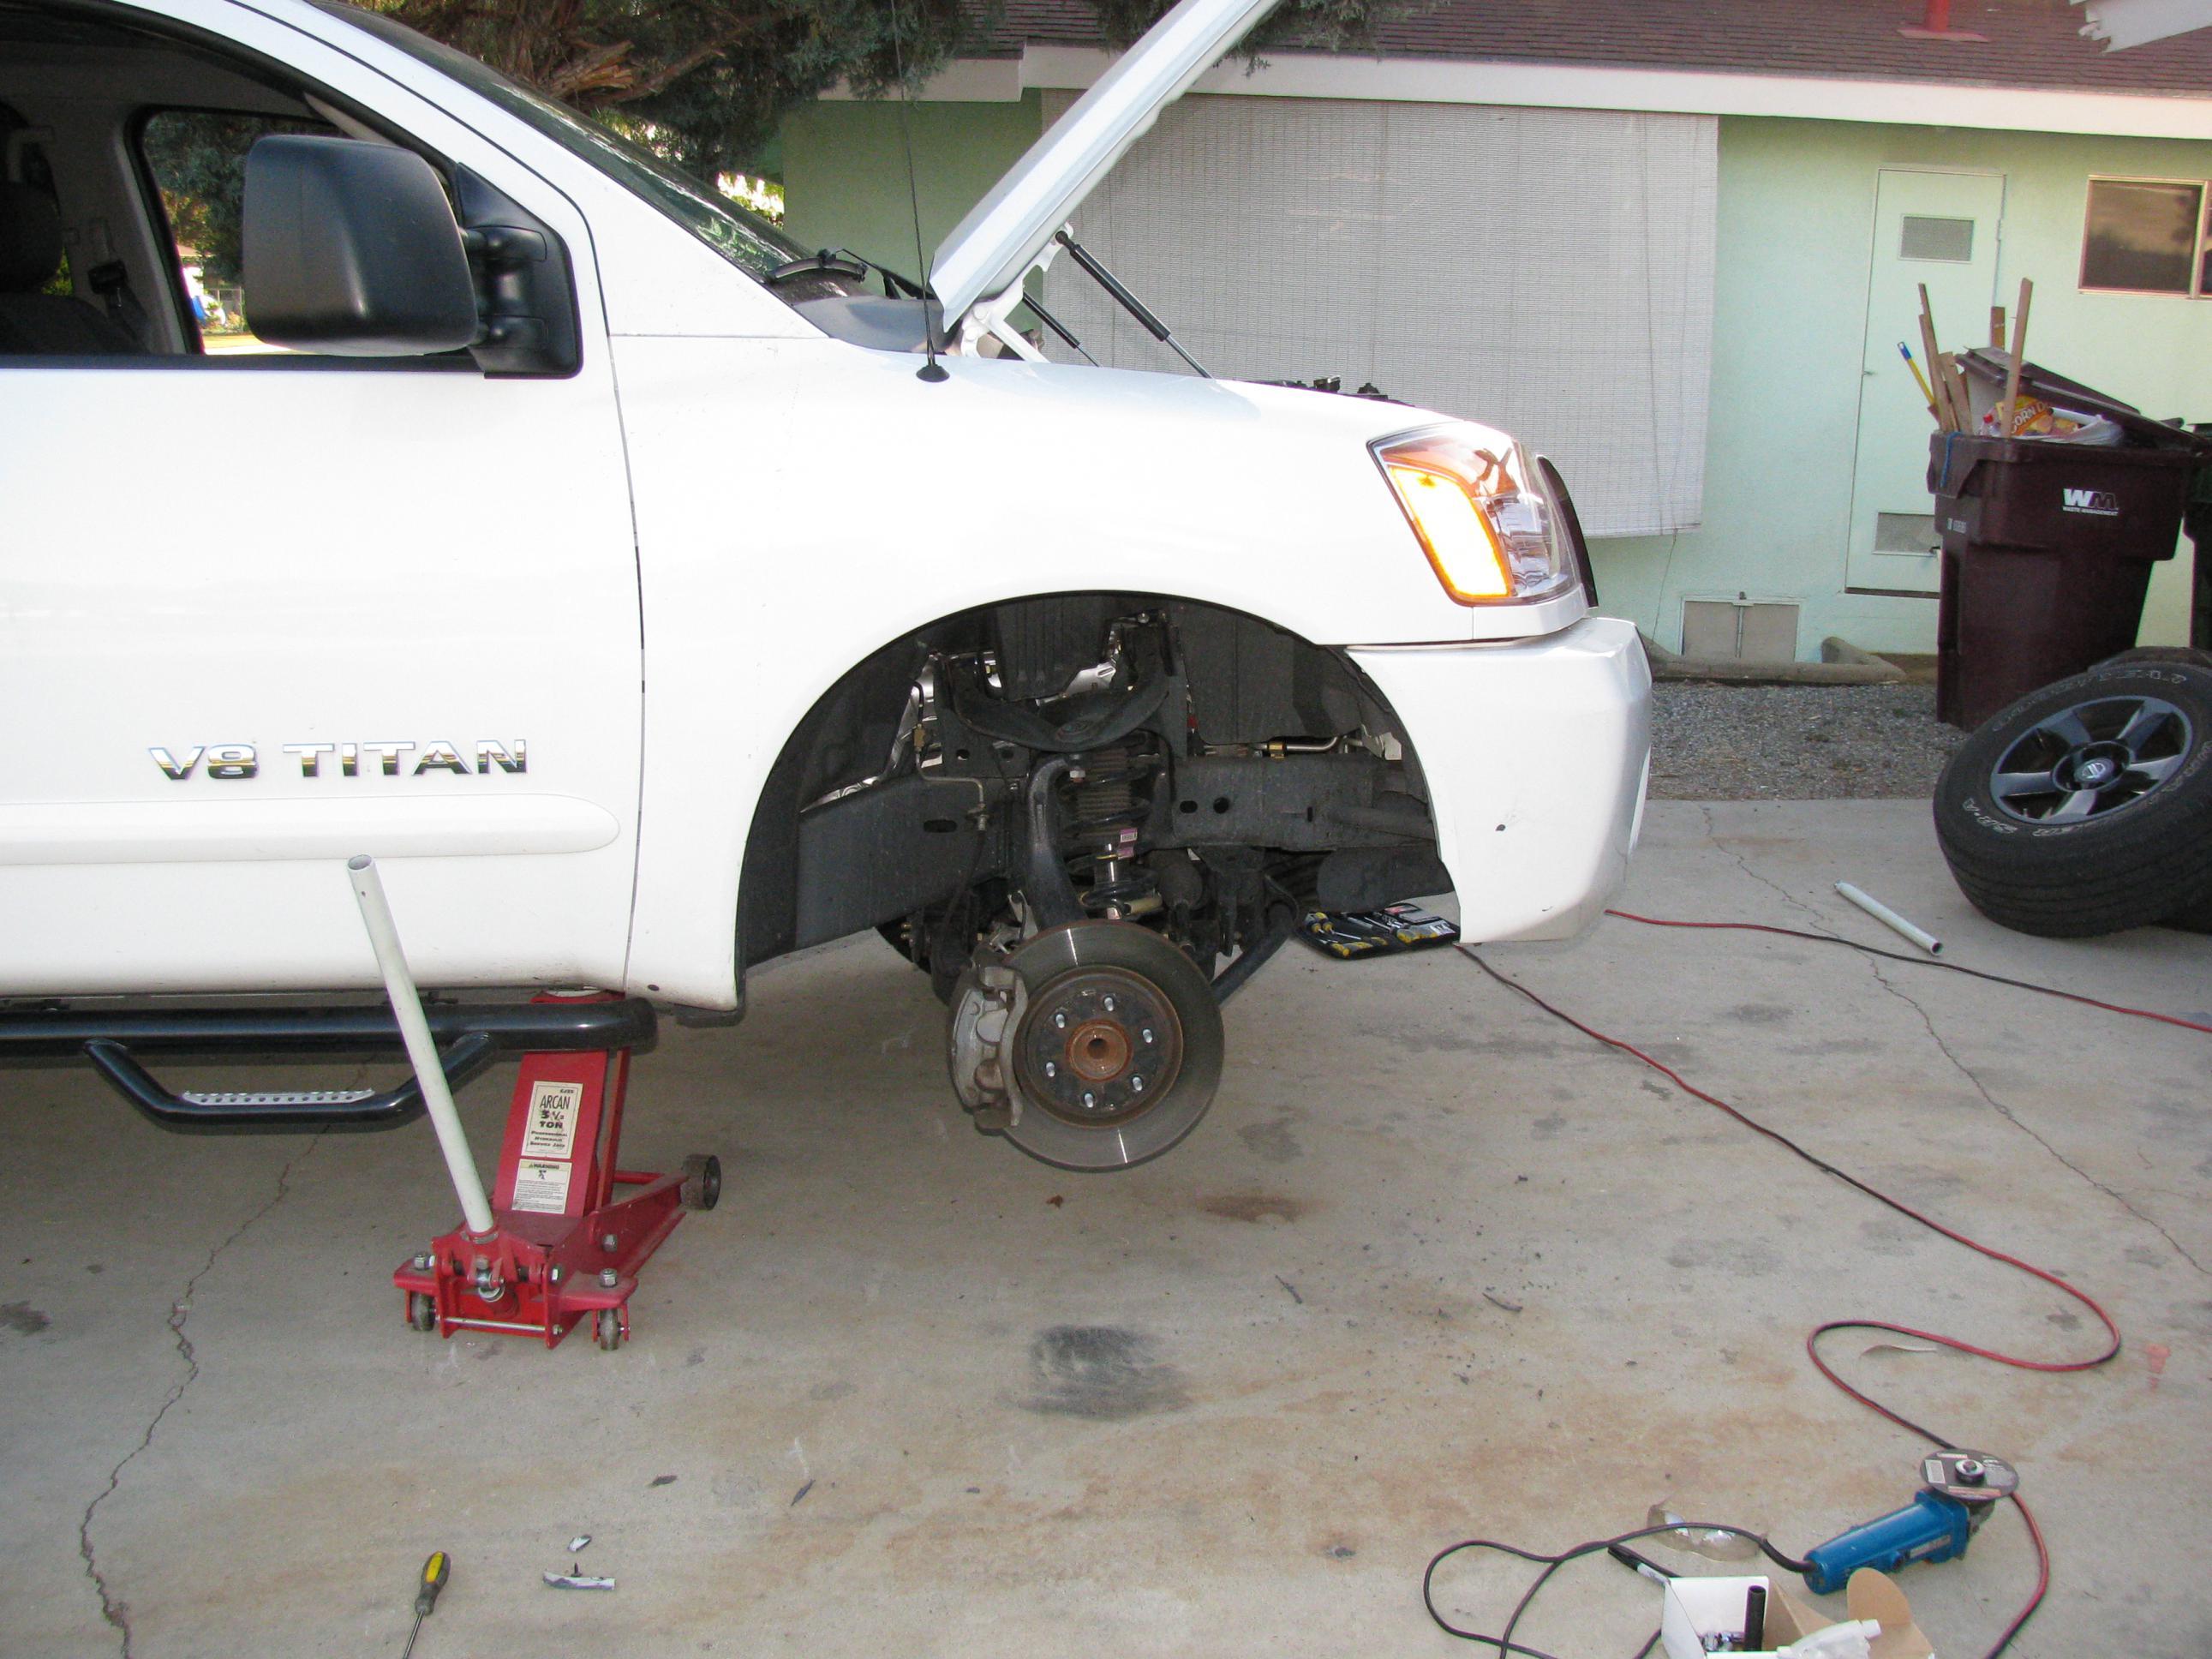 bronze XD REVOLVERS - white TITAN - Page 2 - Nissan Titan ...